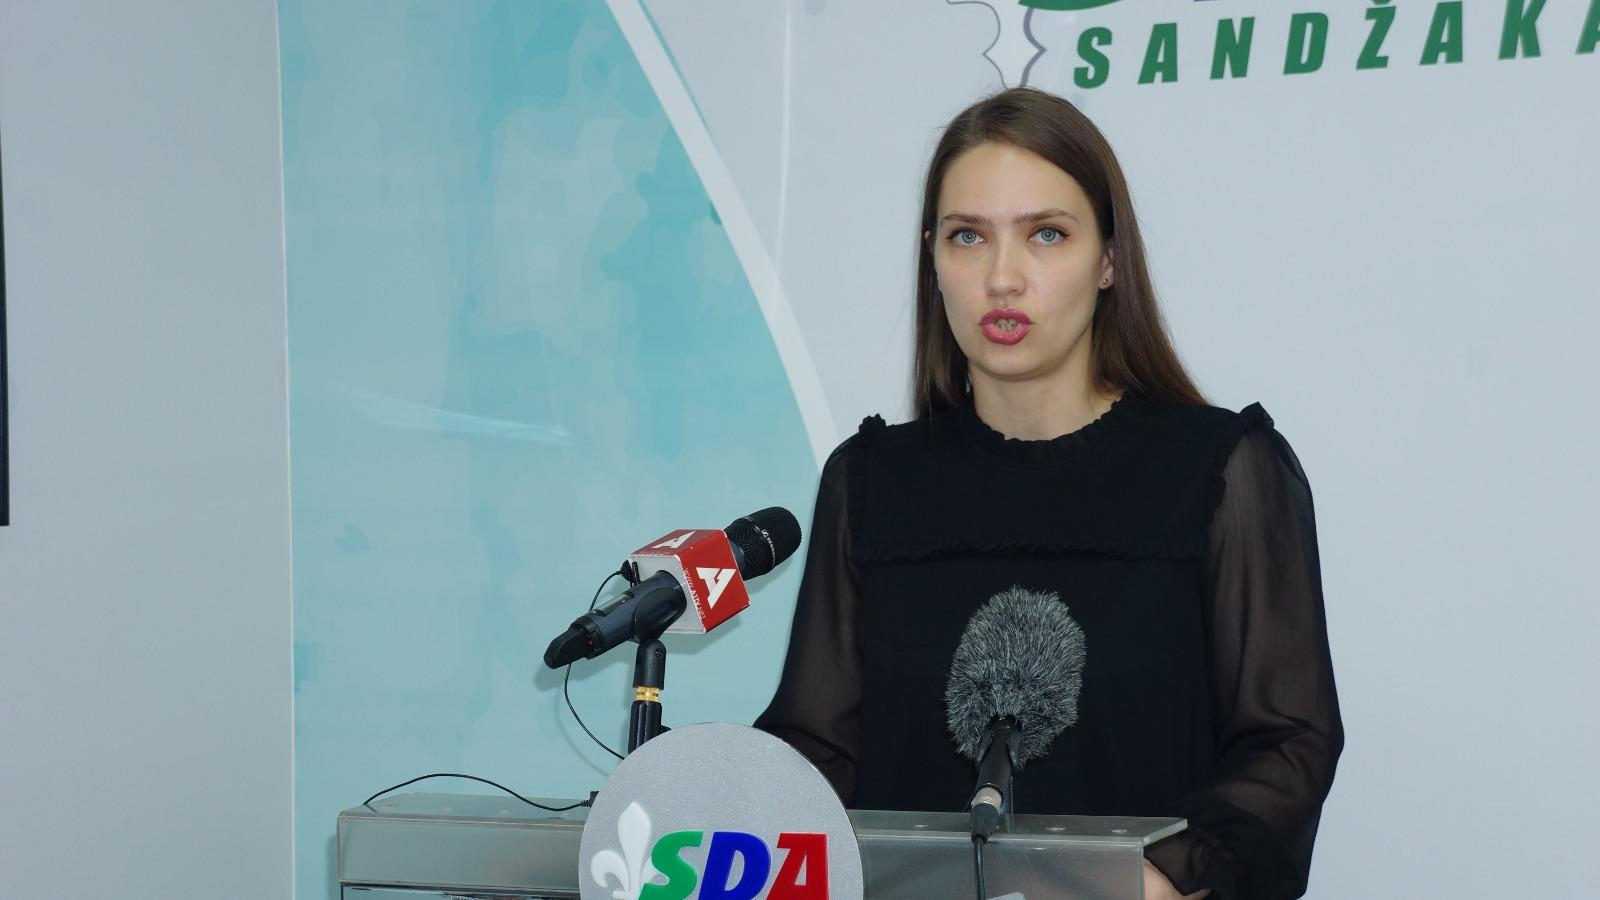 SDA: Nazive ustanova u Novom Pazaru prilagoditi identitetu grada (video)